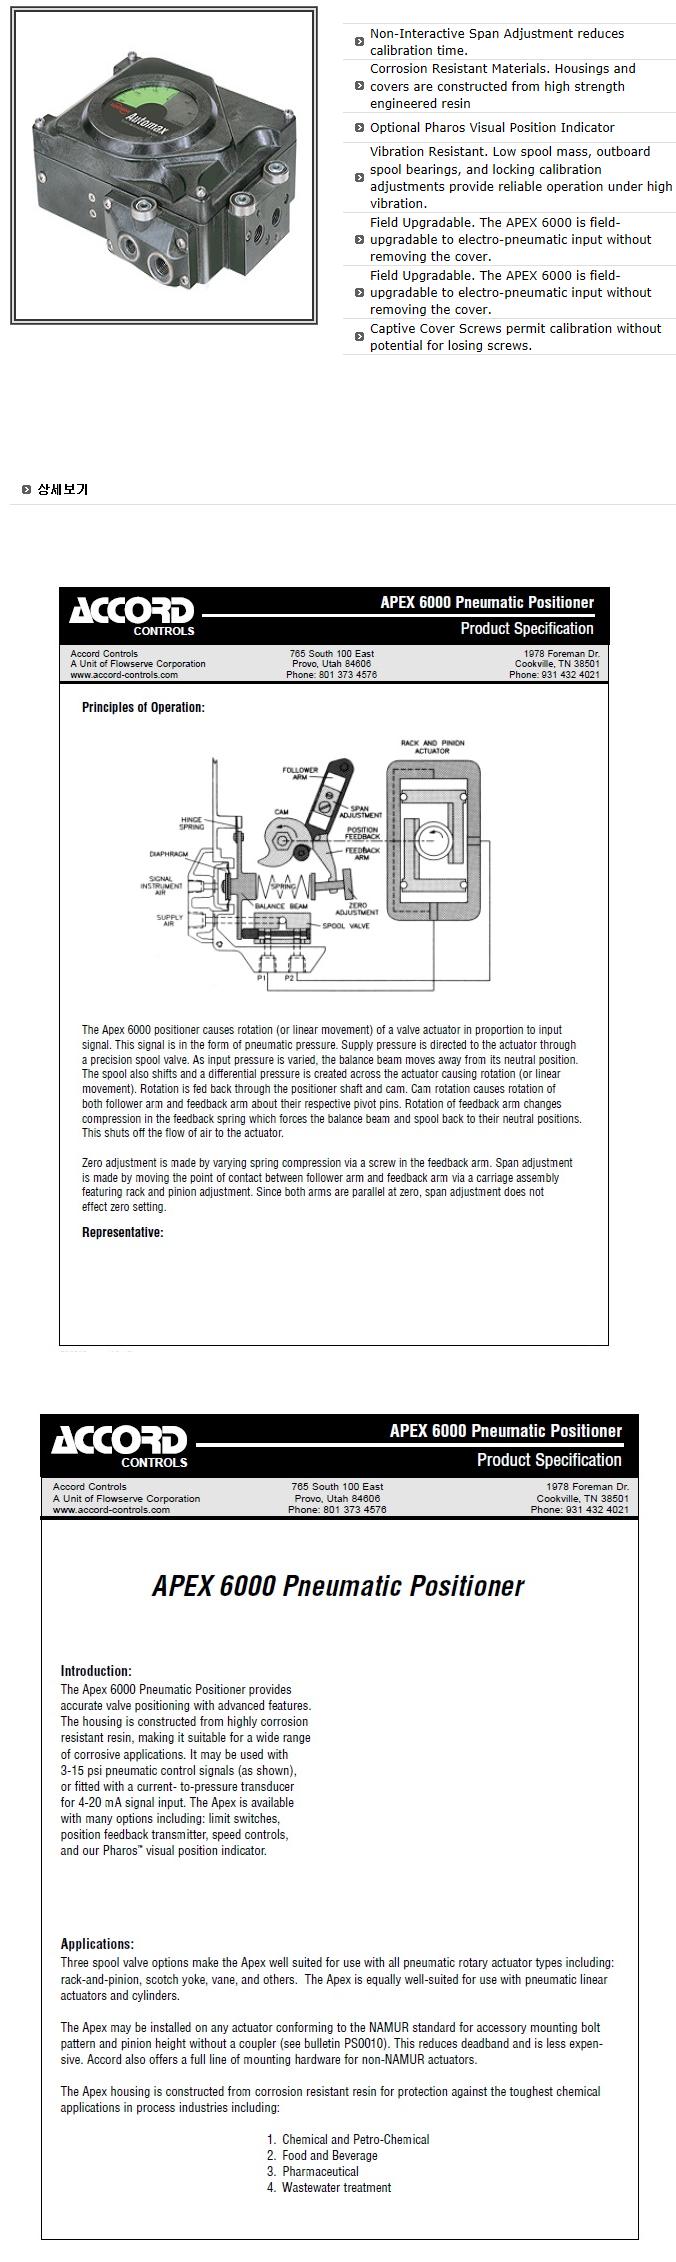 세준산업 Apex 6000 Pneumatic Positioner